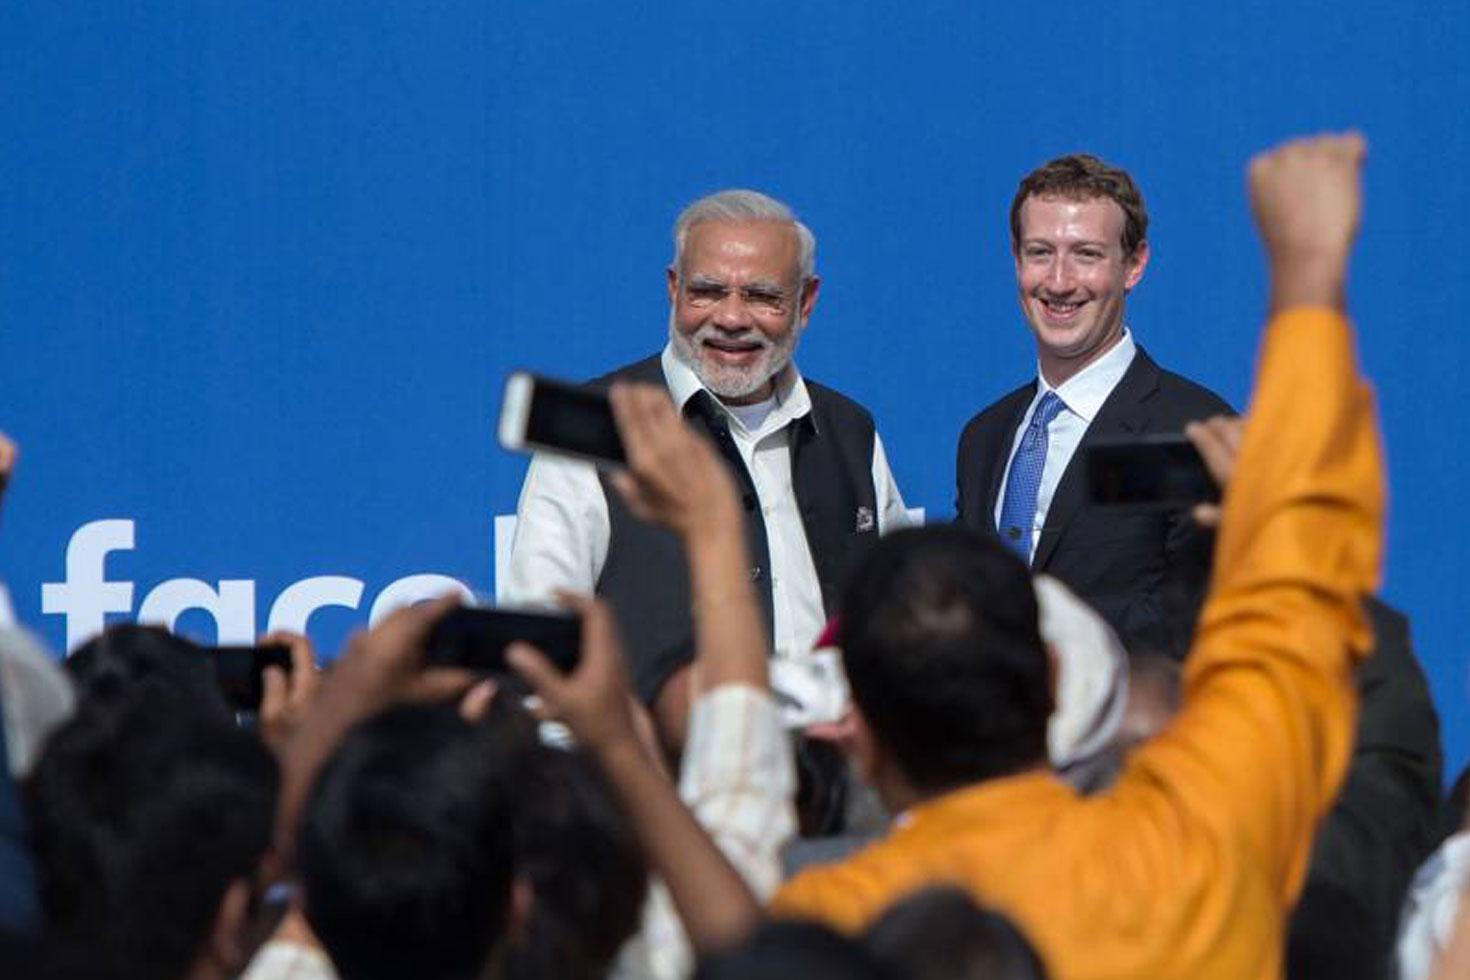 ভারতে 'মুসলিম বিদ্বেষ' চেপে গেছে ফেসবুক